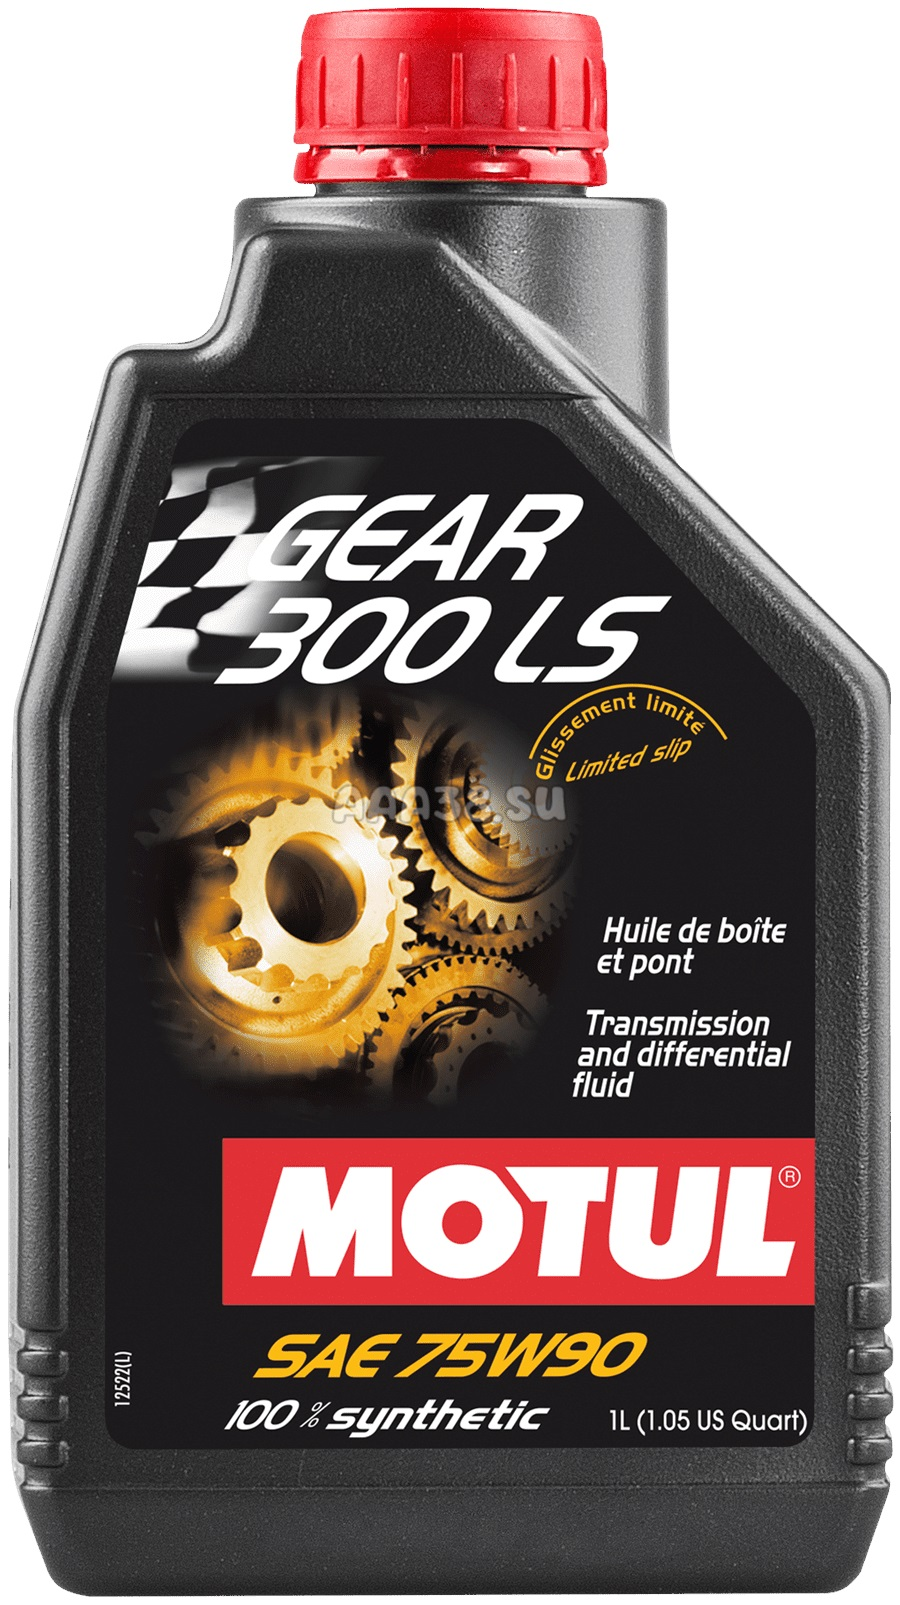 Gear 300LS Motul 105778